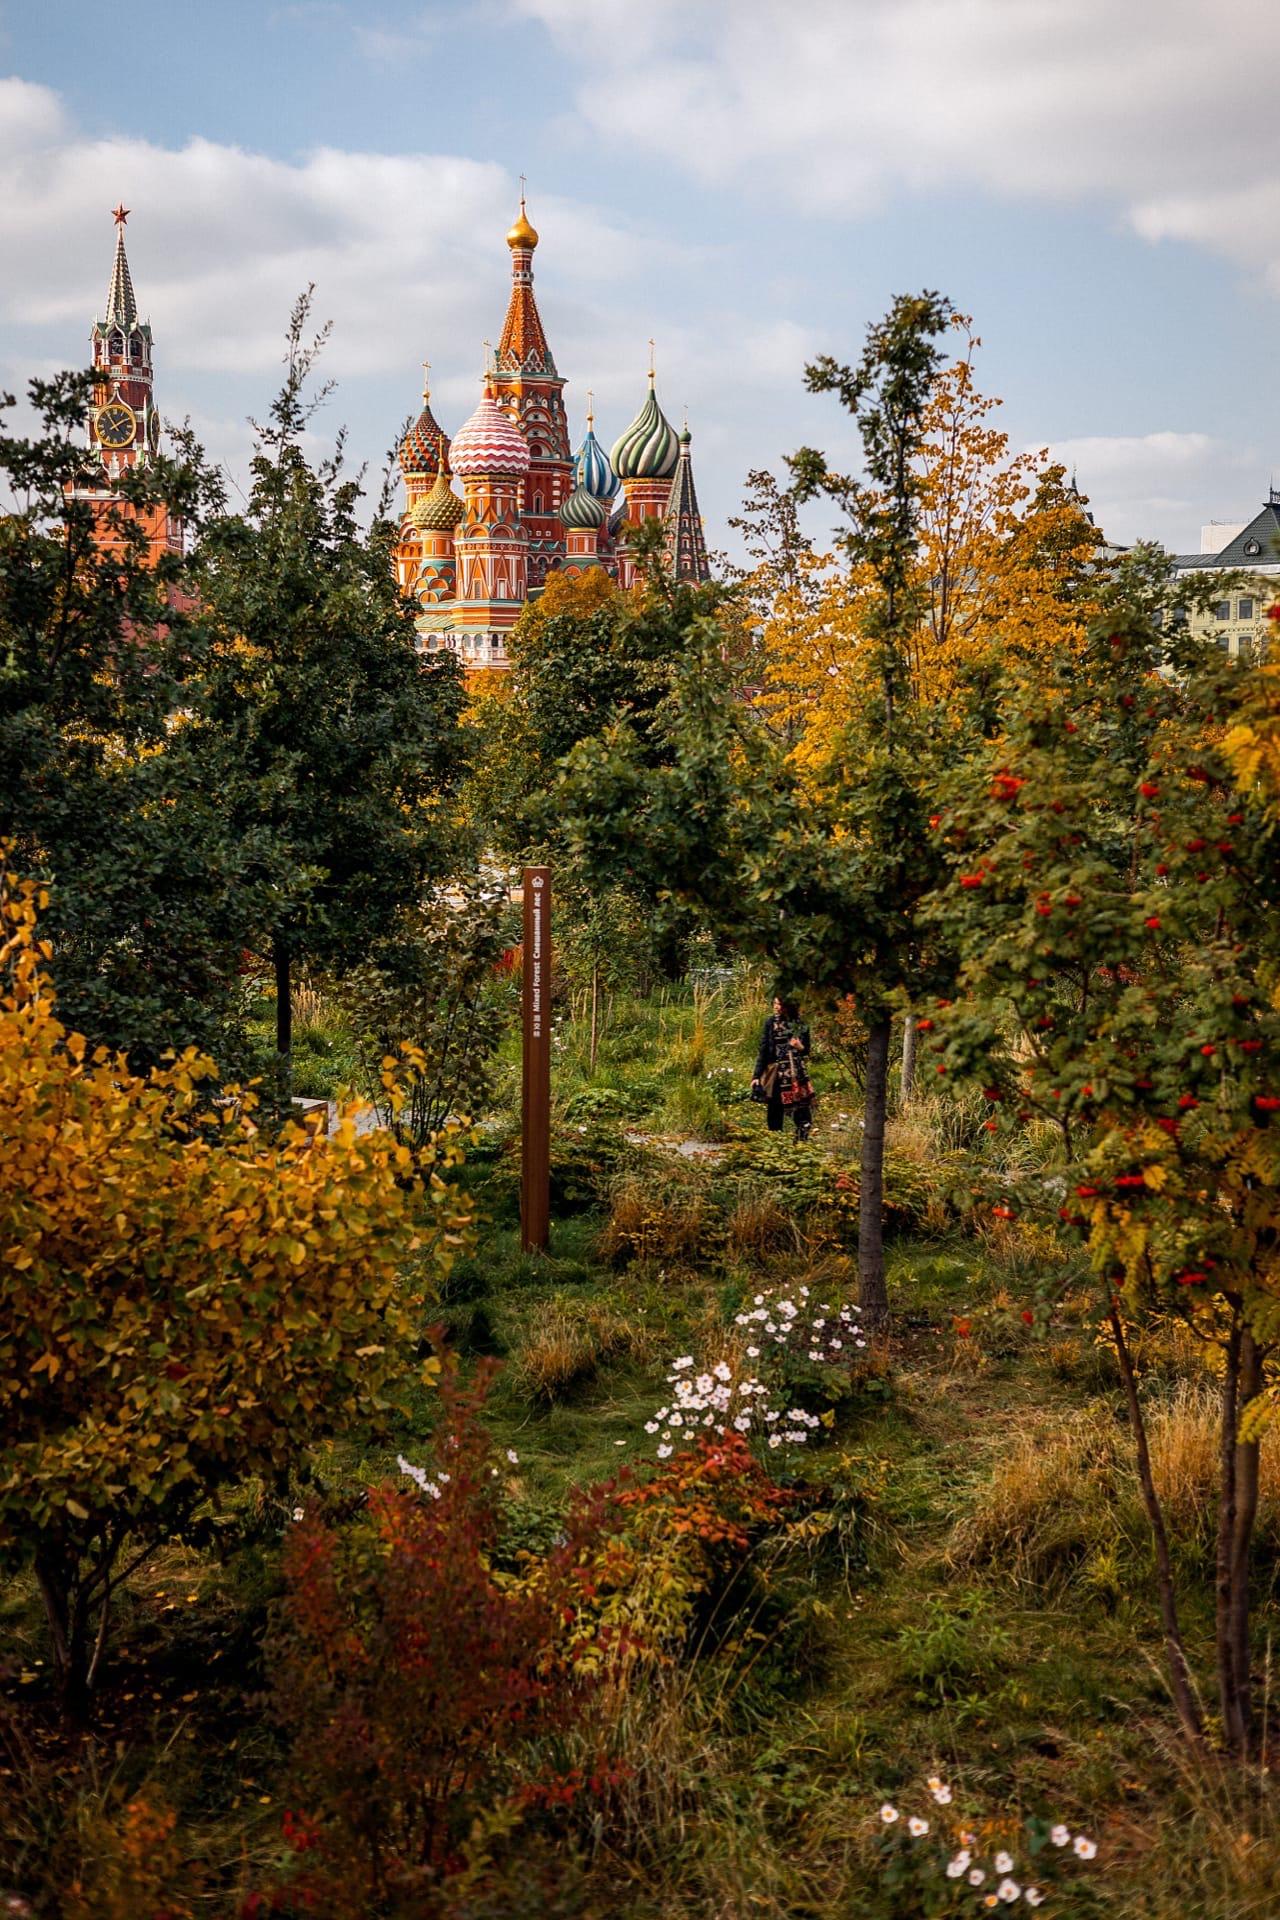 Смешанный лес сейчас залит красками осени